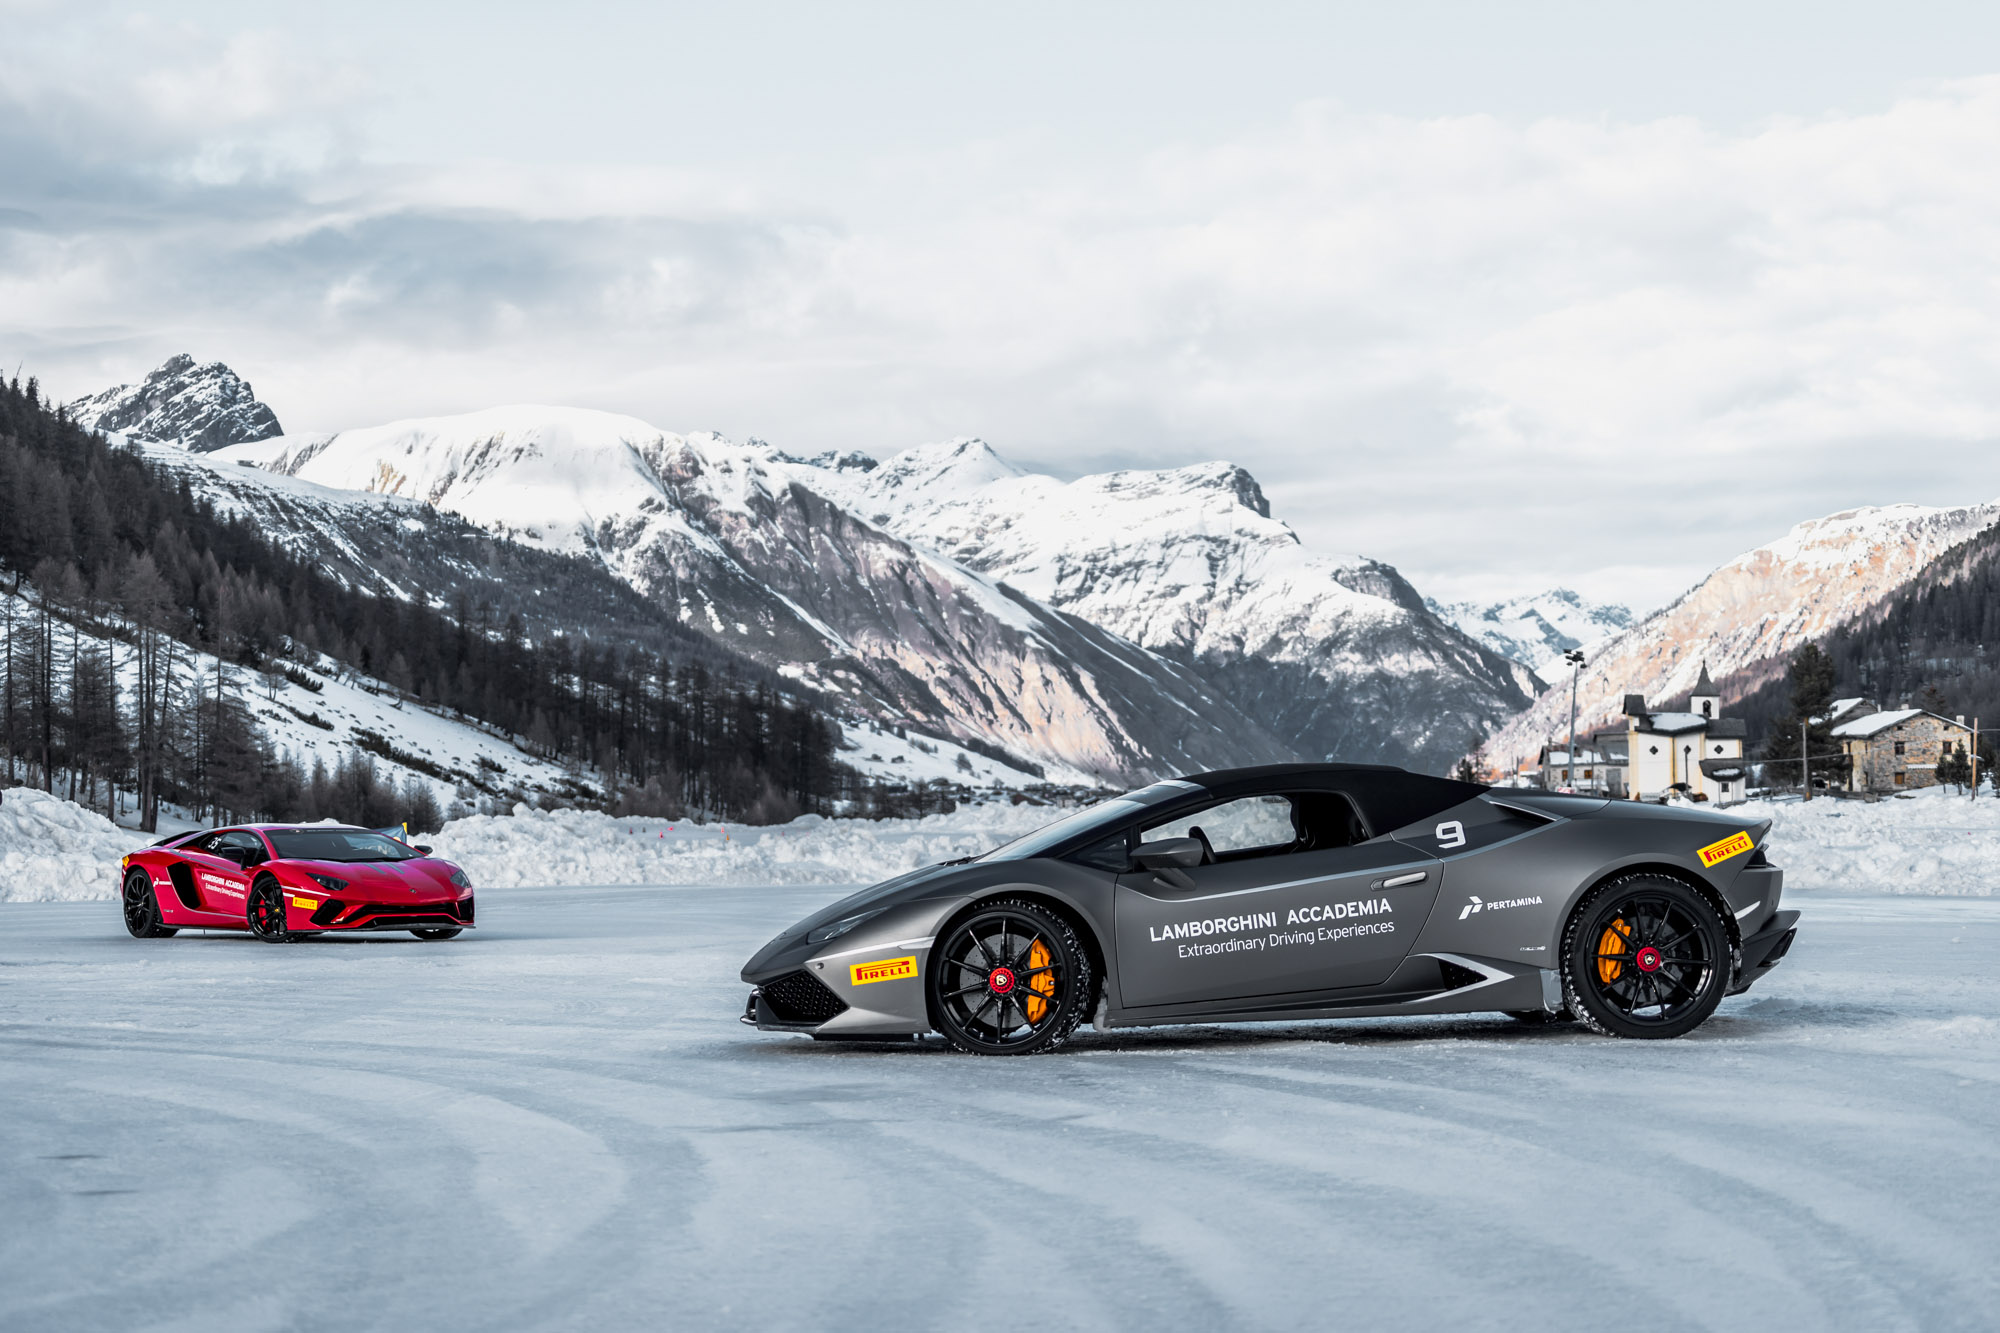 Lamborghini Winter Accademia 10